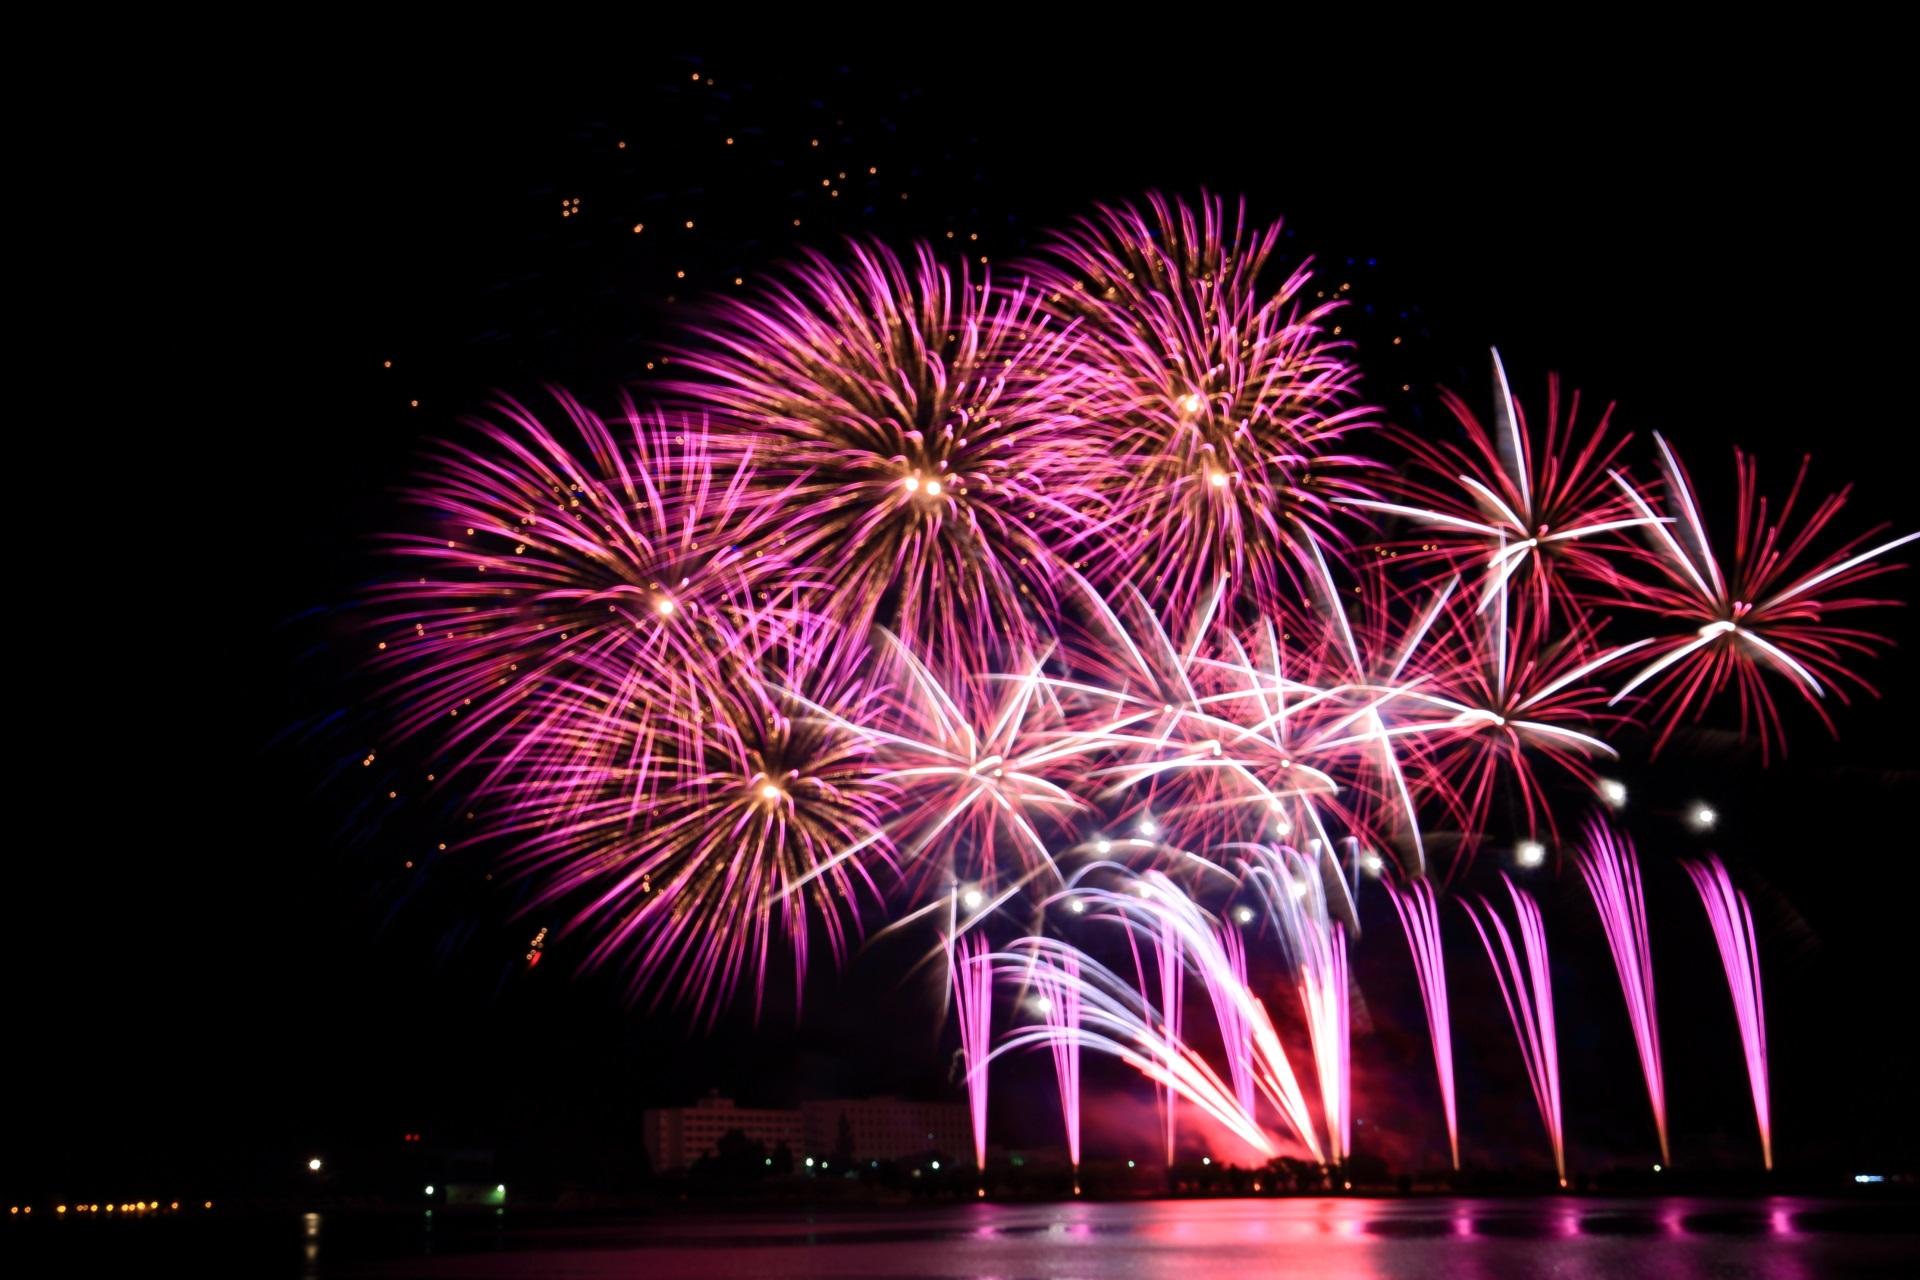 舞鶴の夜空と海面を彩る艶やかな紫の花火